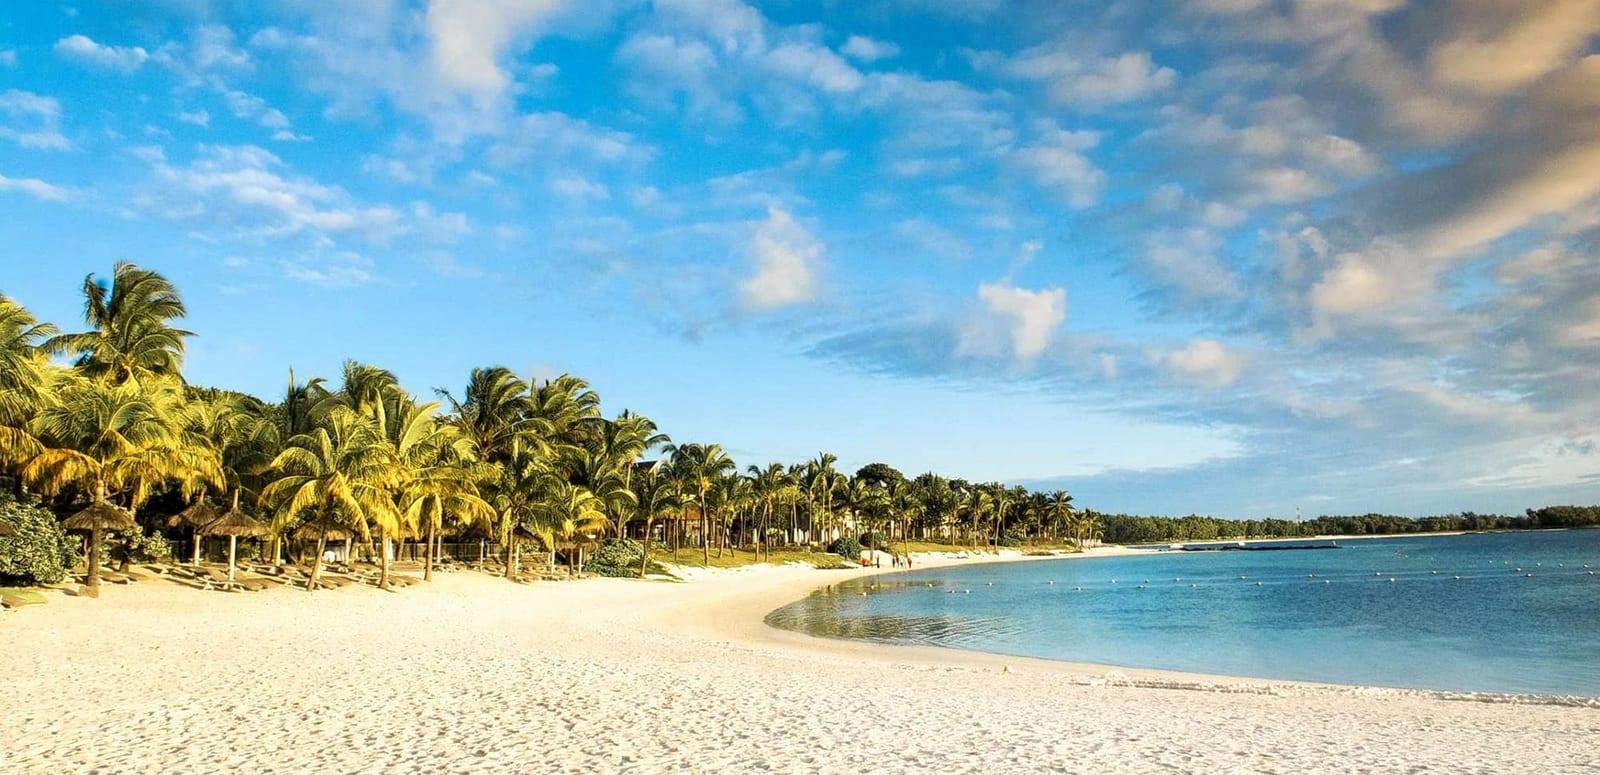 1574758586_103-lux-resorts-hotels-flitterwochen-honeymoon-2019-bella-mare-75529455-h1-beach-5-3.jpg